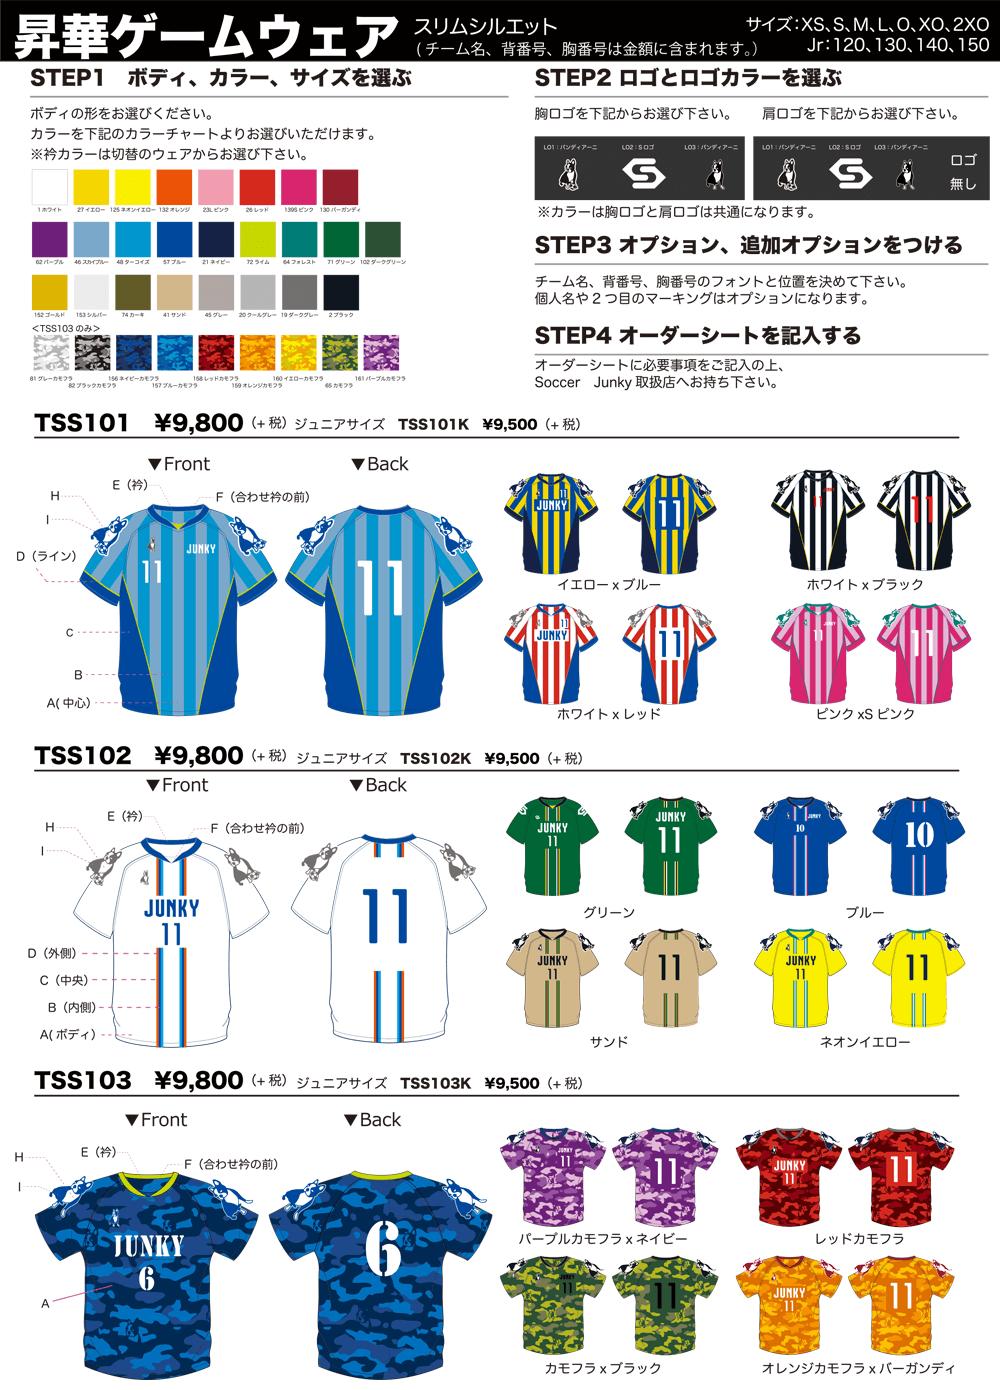 サッカージャンキー昇華ユニフォーム1